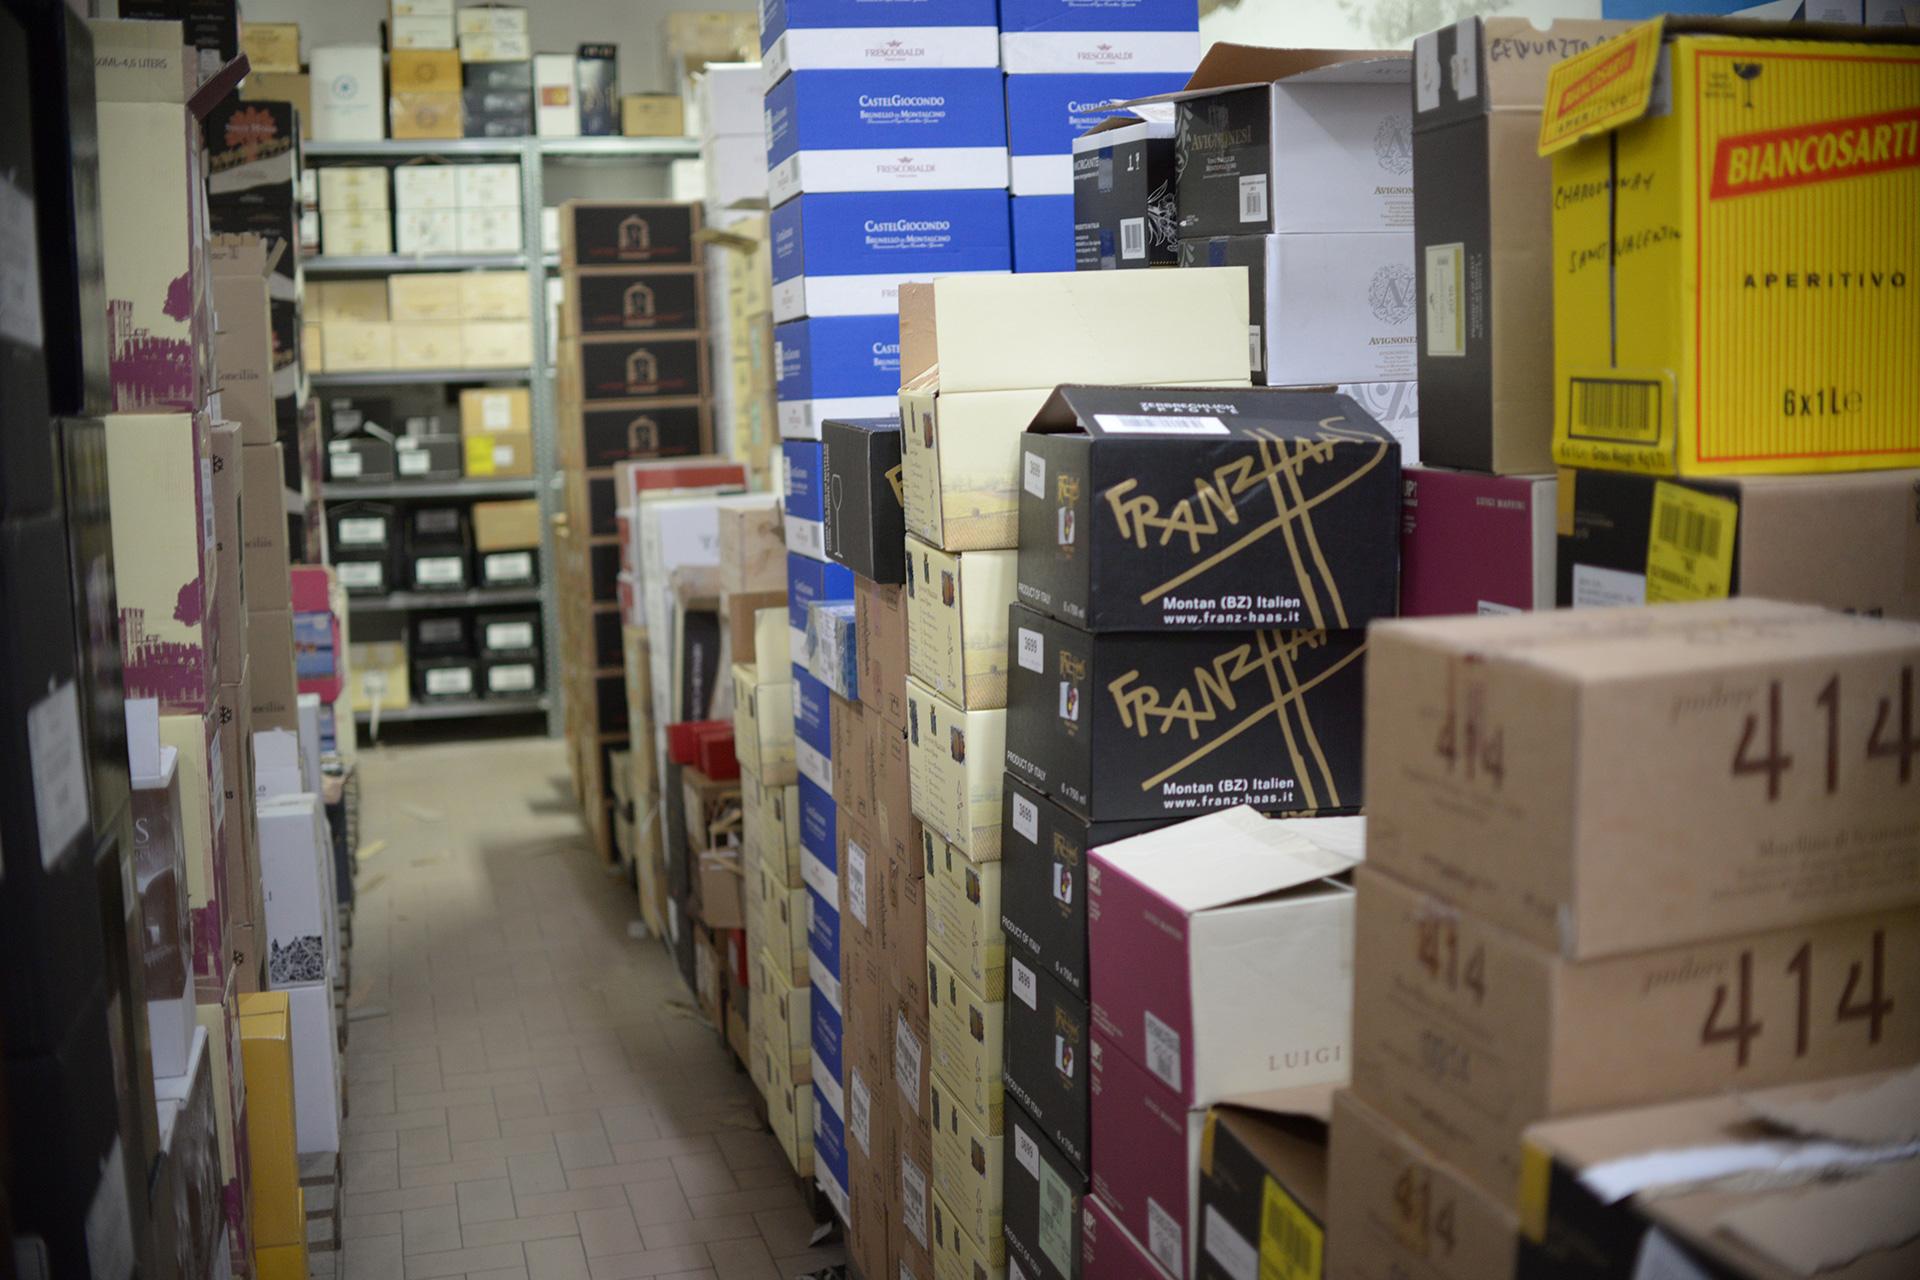 Deposito Sepe Srl - Distribuzione Vino e Liquori